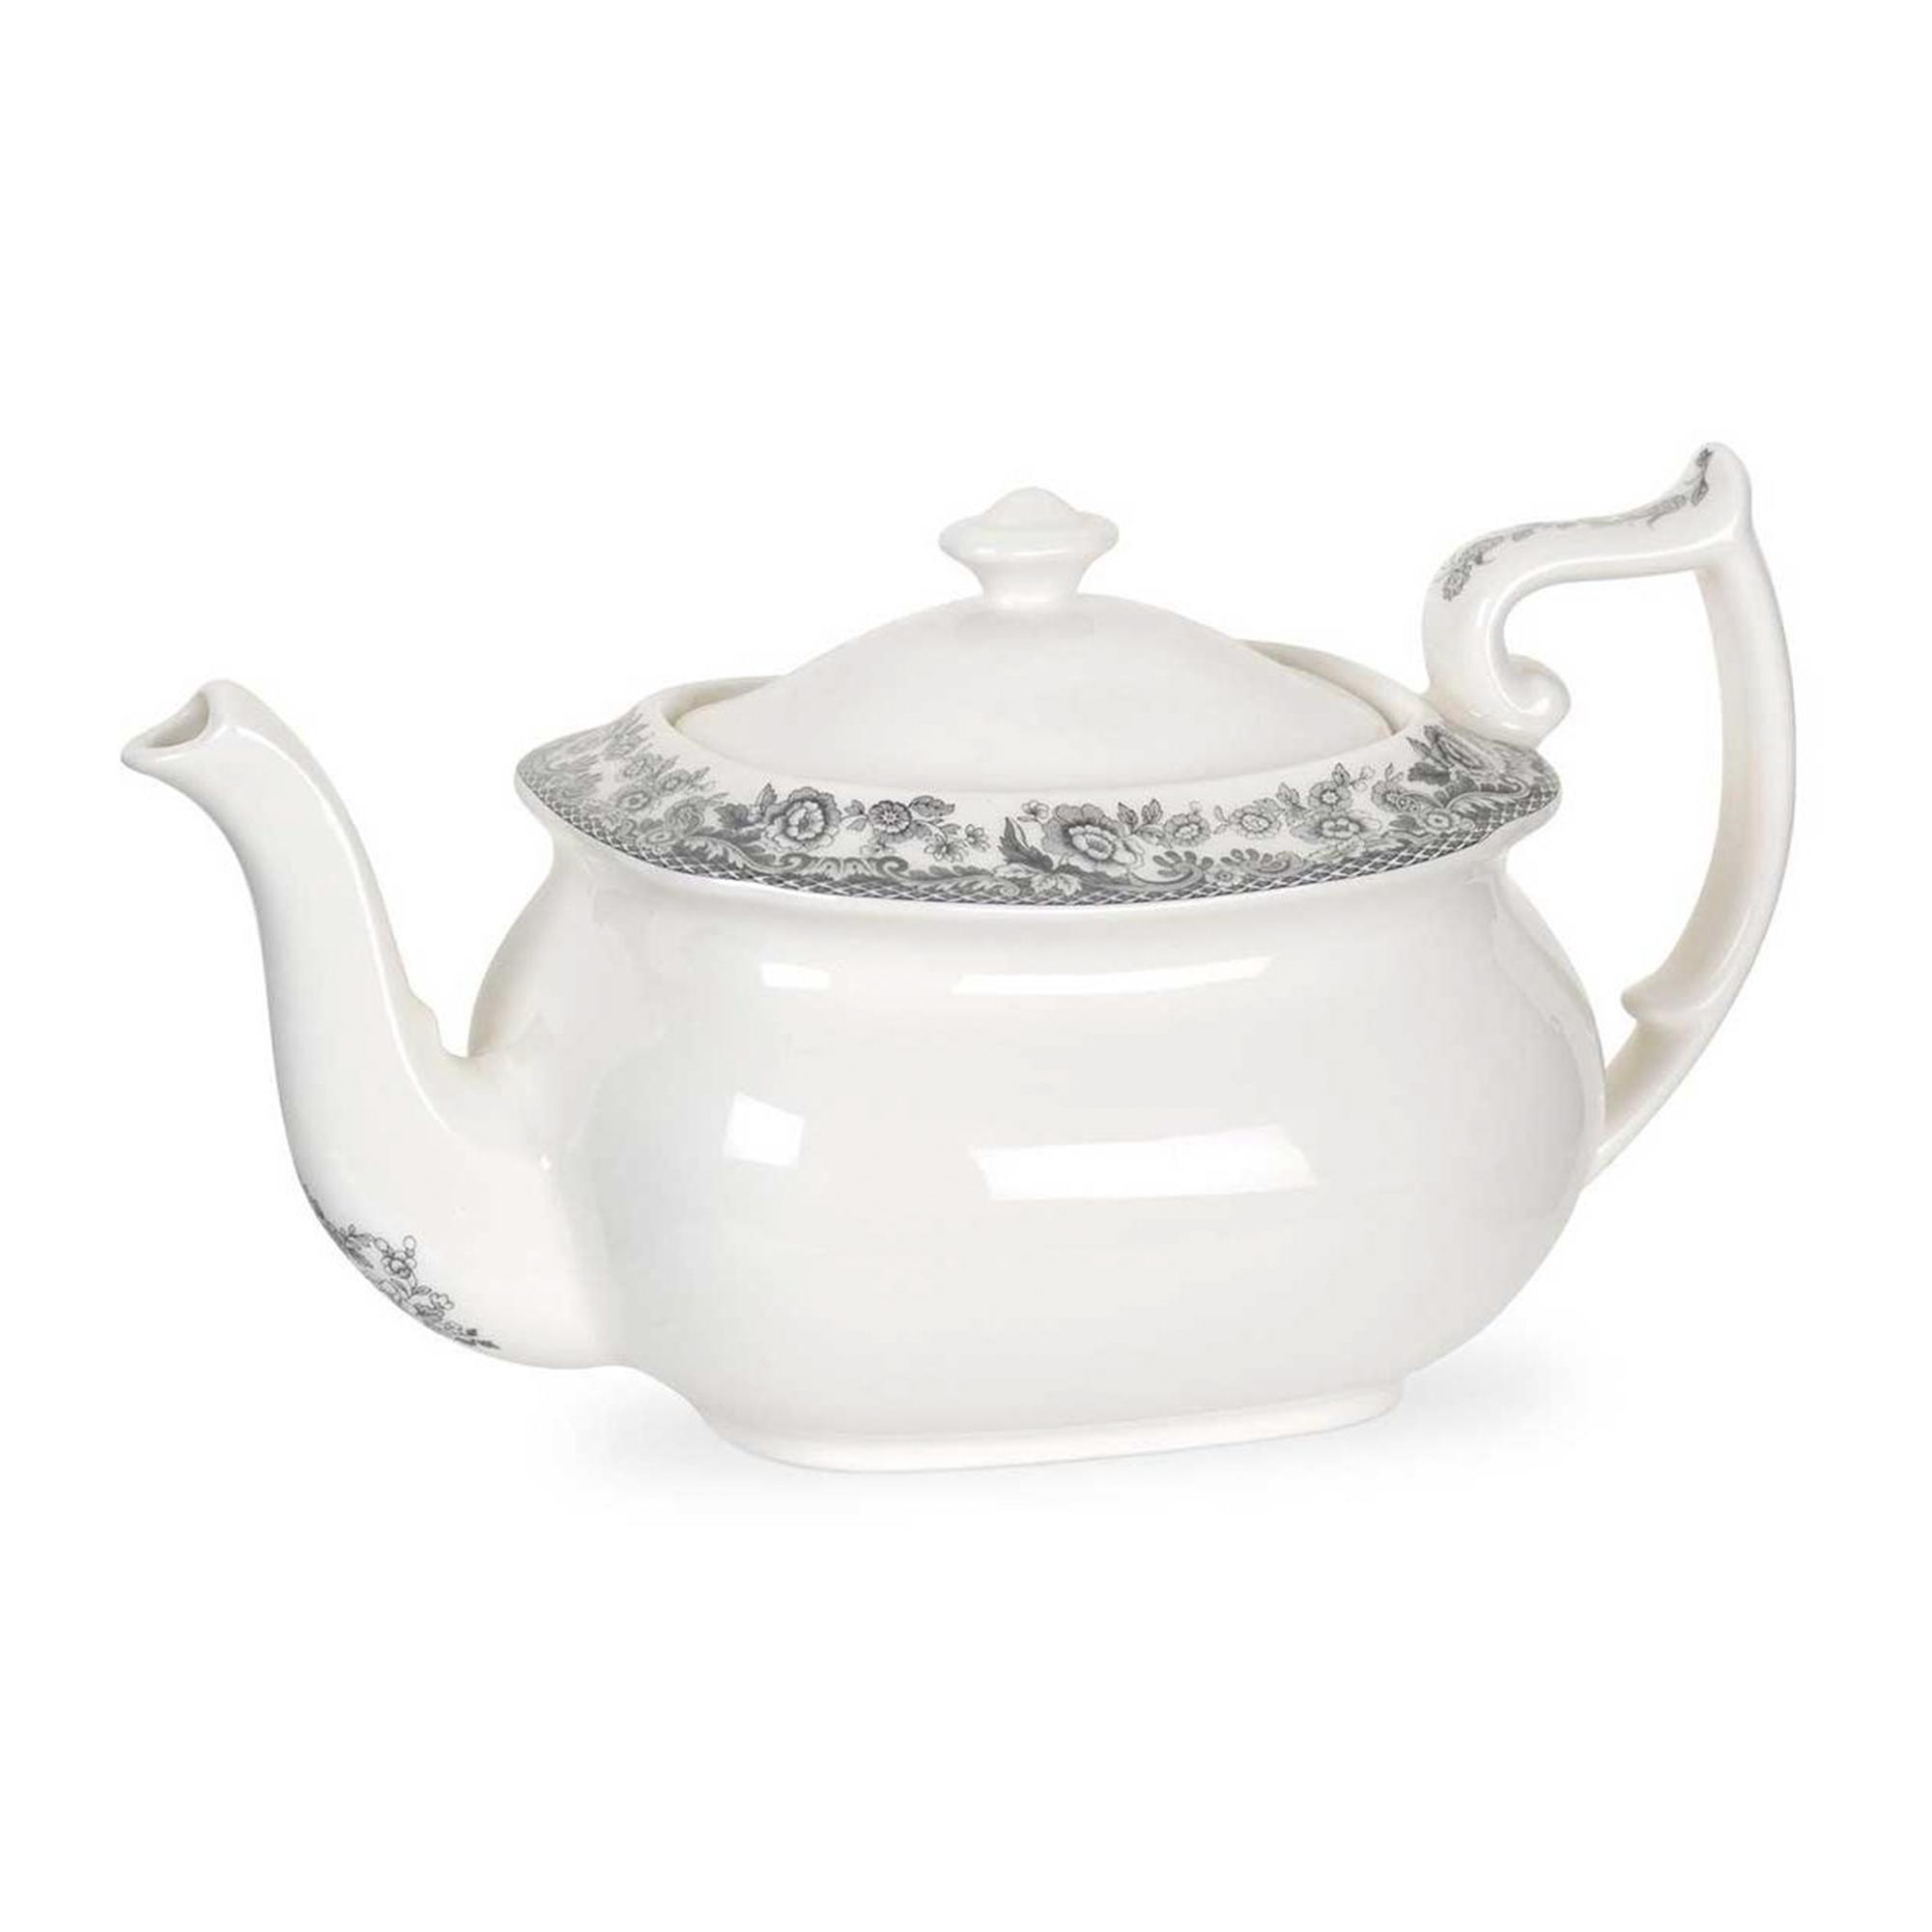 Чайник заварочный Spode Деламер Сельские Мотивы 1,1 л чайник заварочный spode английские охотничьи мотивы 1 3 л